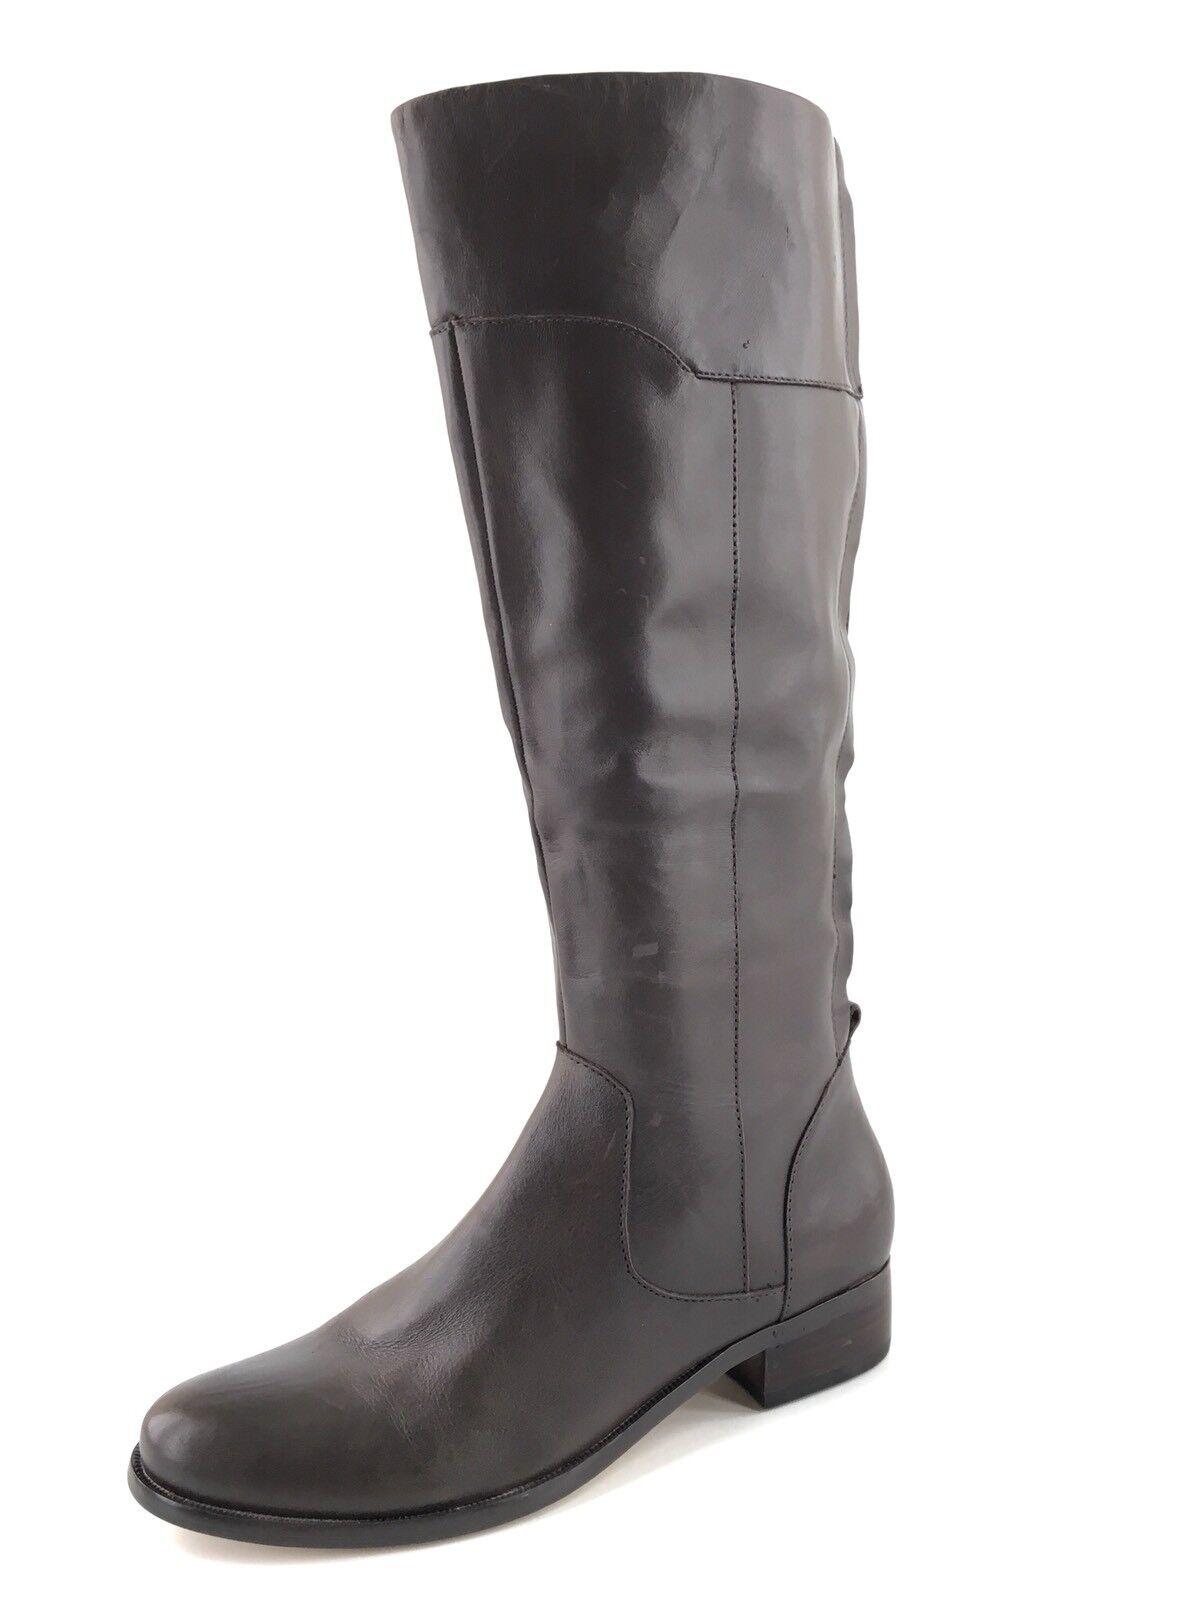 Corso Como Geneva Braun Leder Knee High Western Riding Stiefel Damens Größe 5.5 M